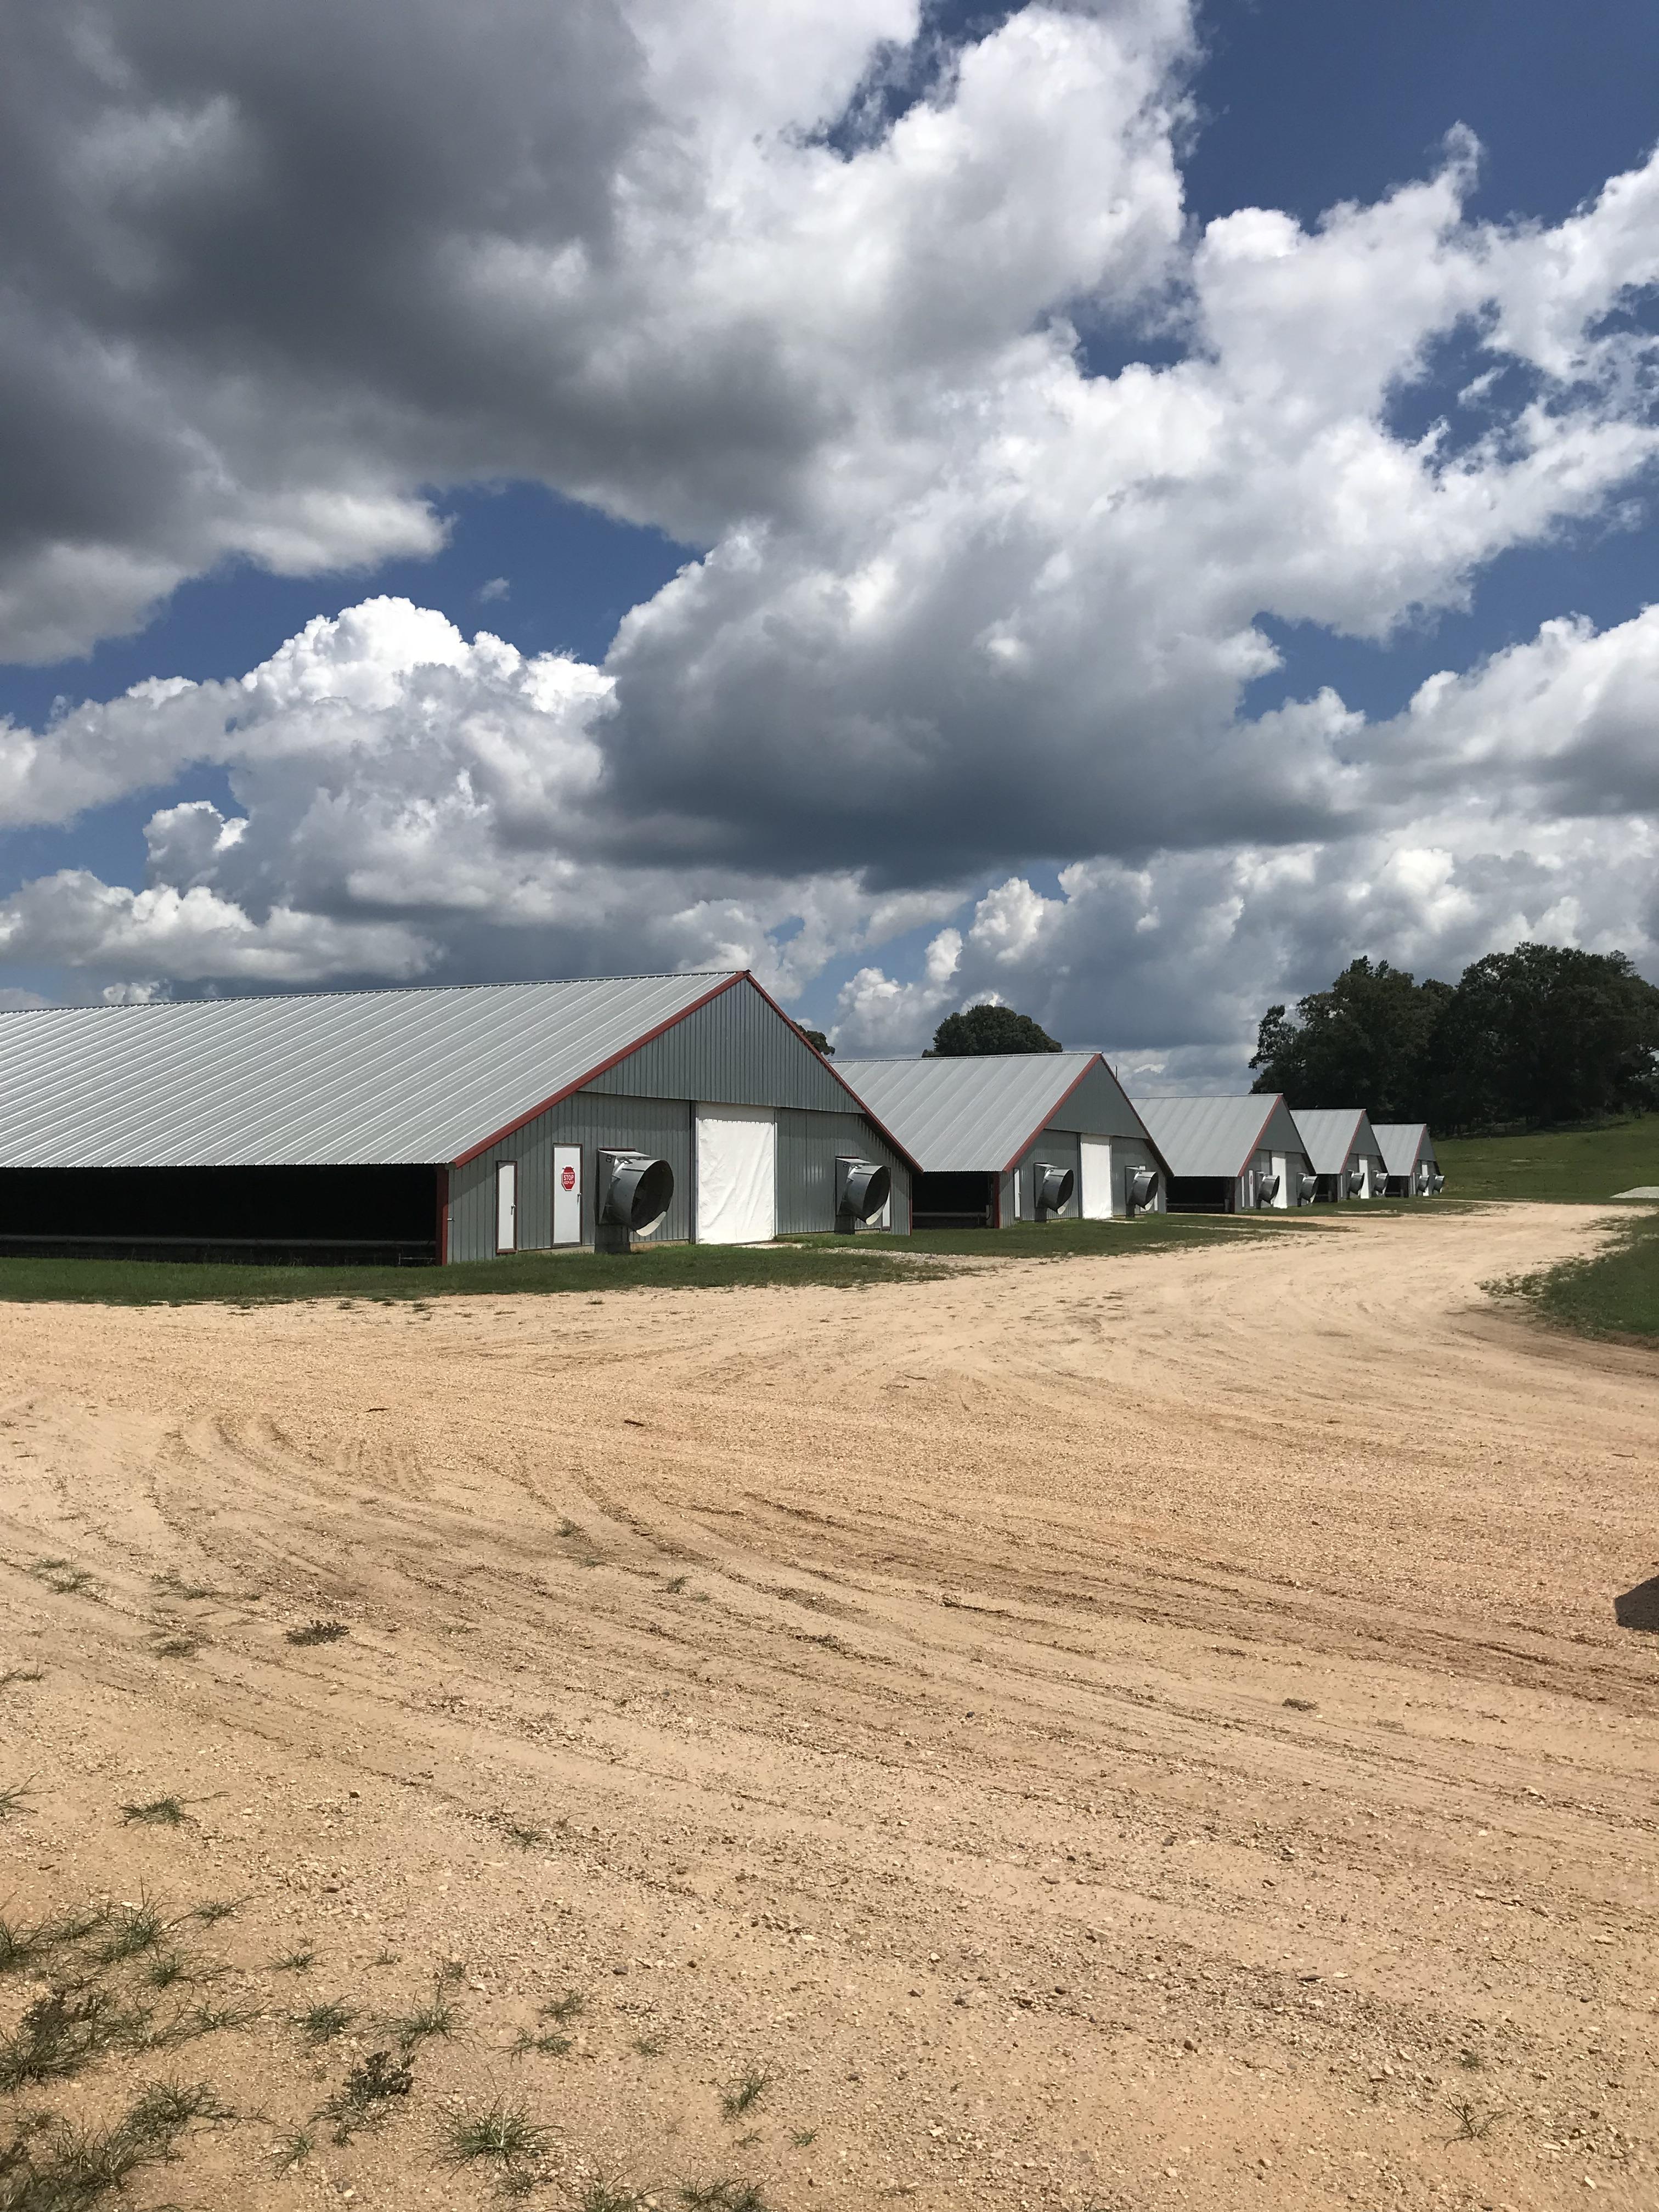 poultry-farm-for-sale-in-jasper-county-ms